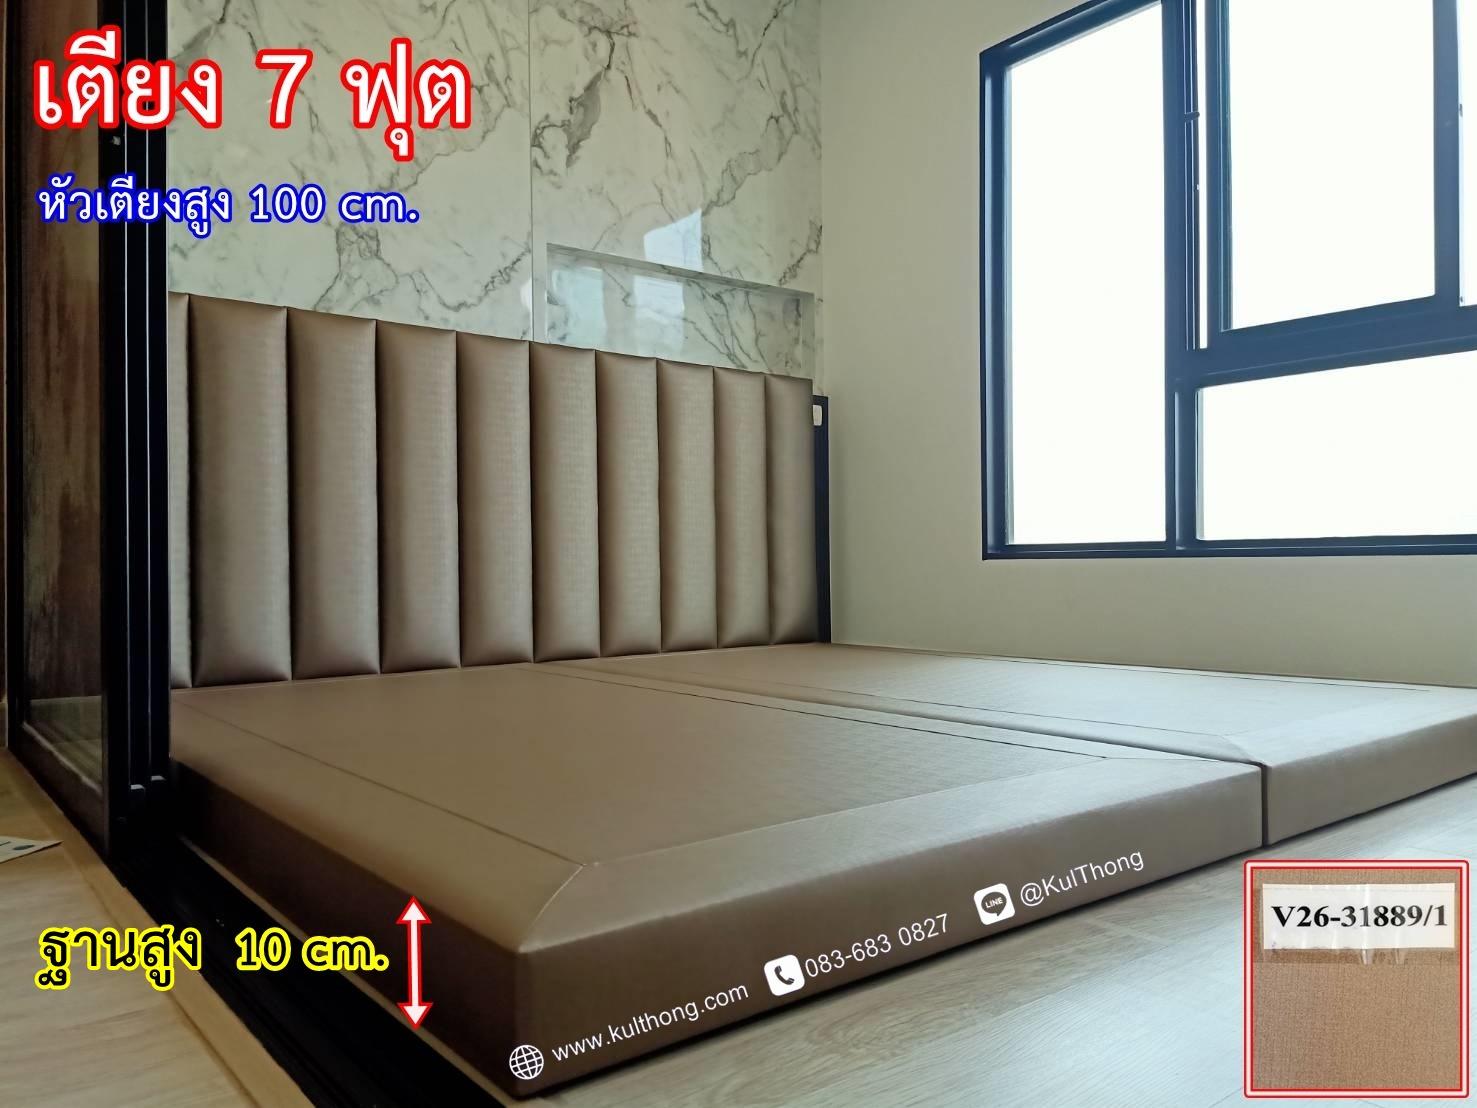 ฐานเตียง ฐานรองที่นอน ผนังหัวเตียง